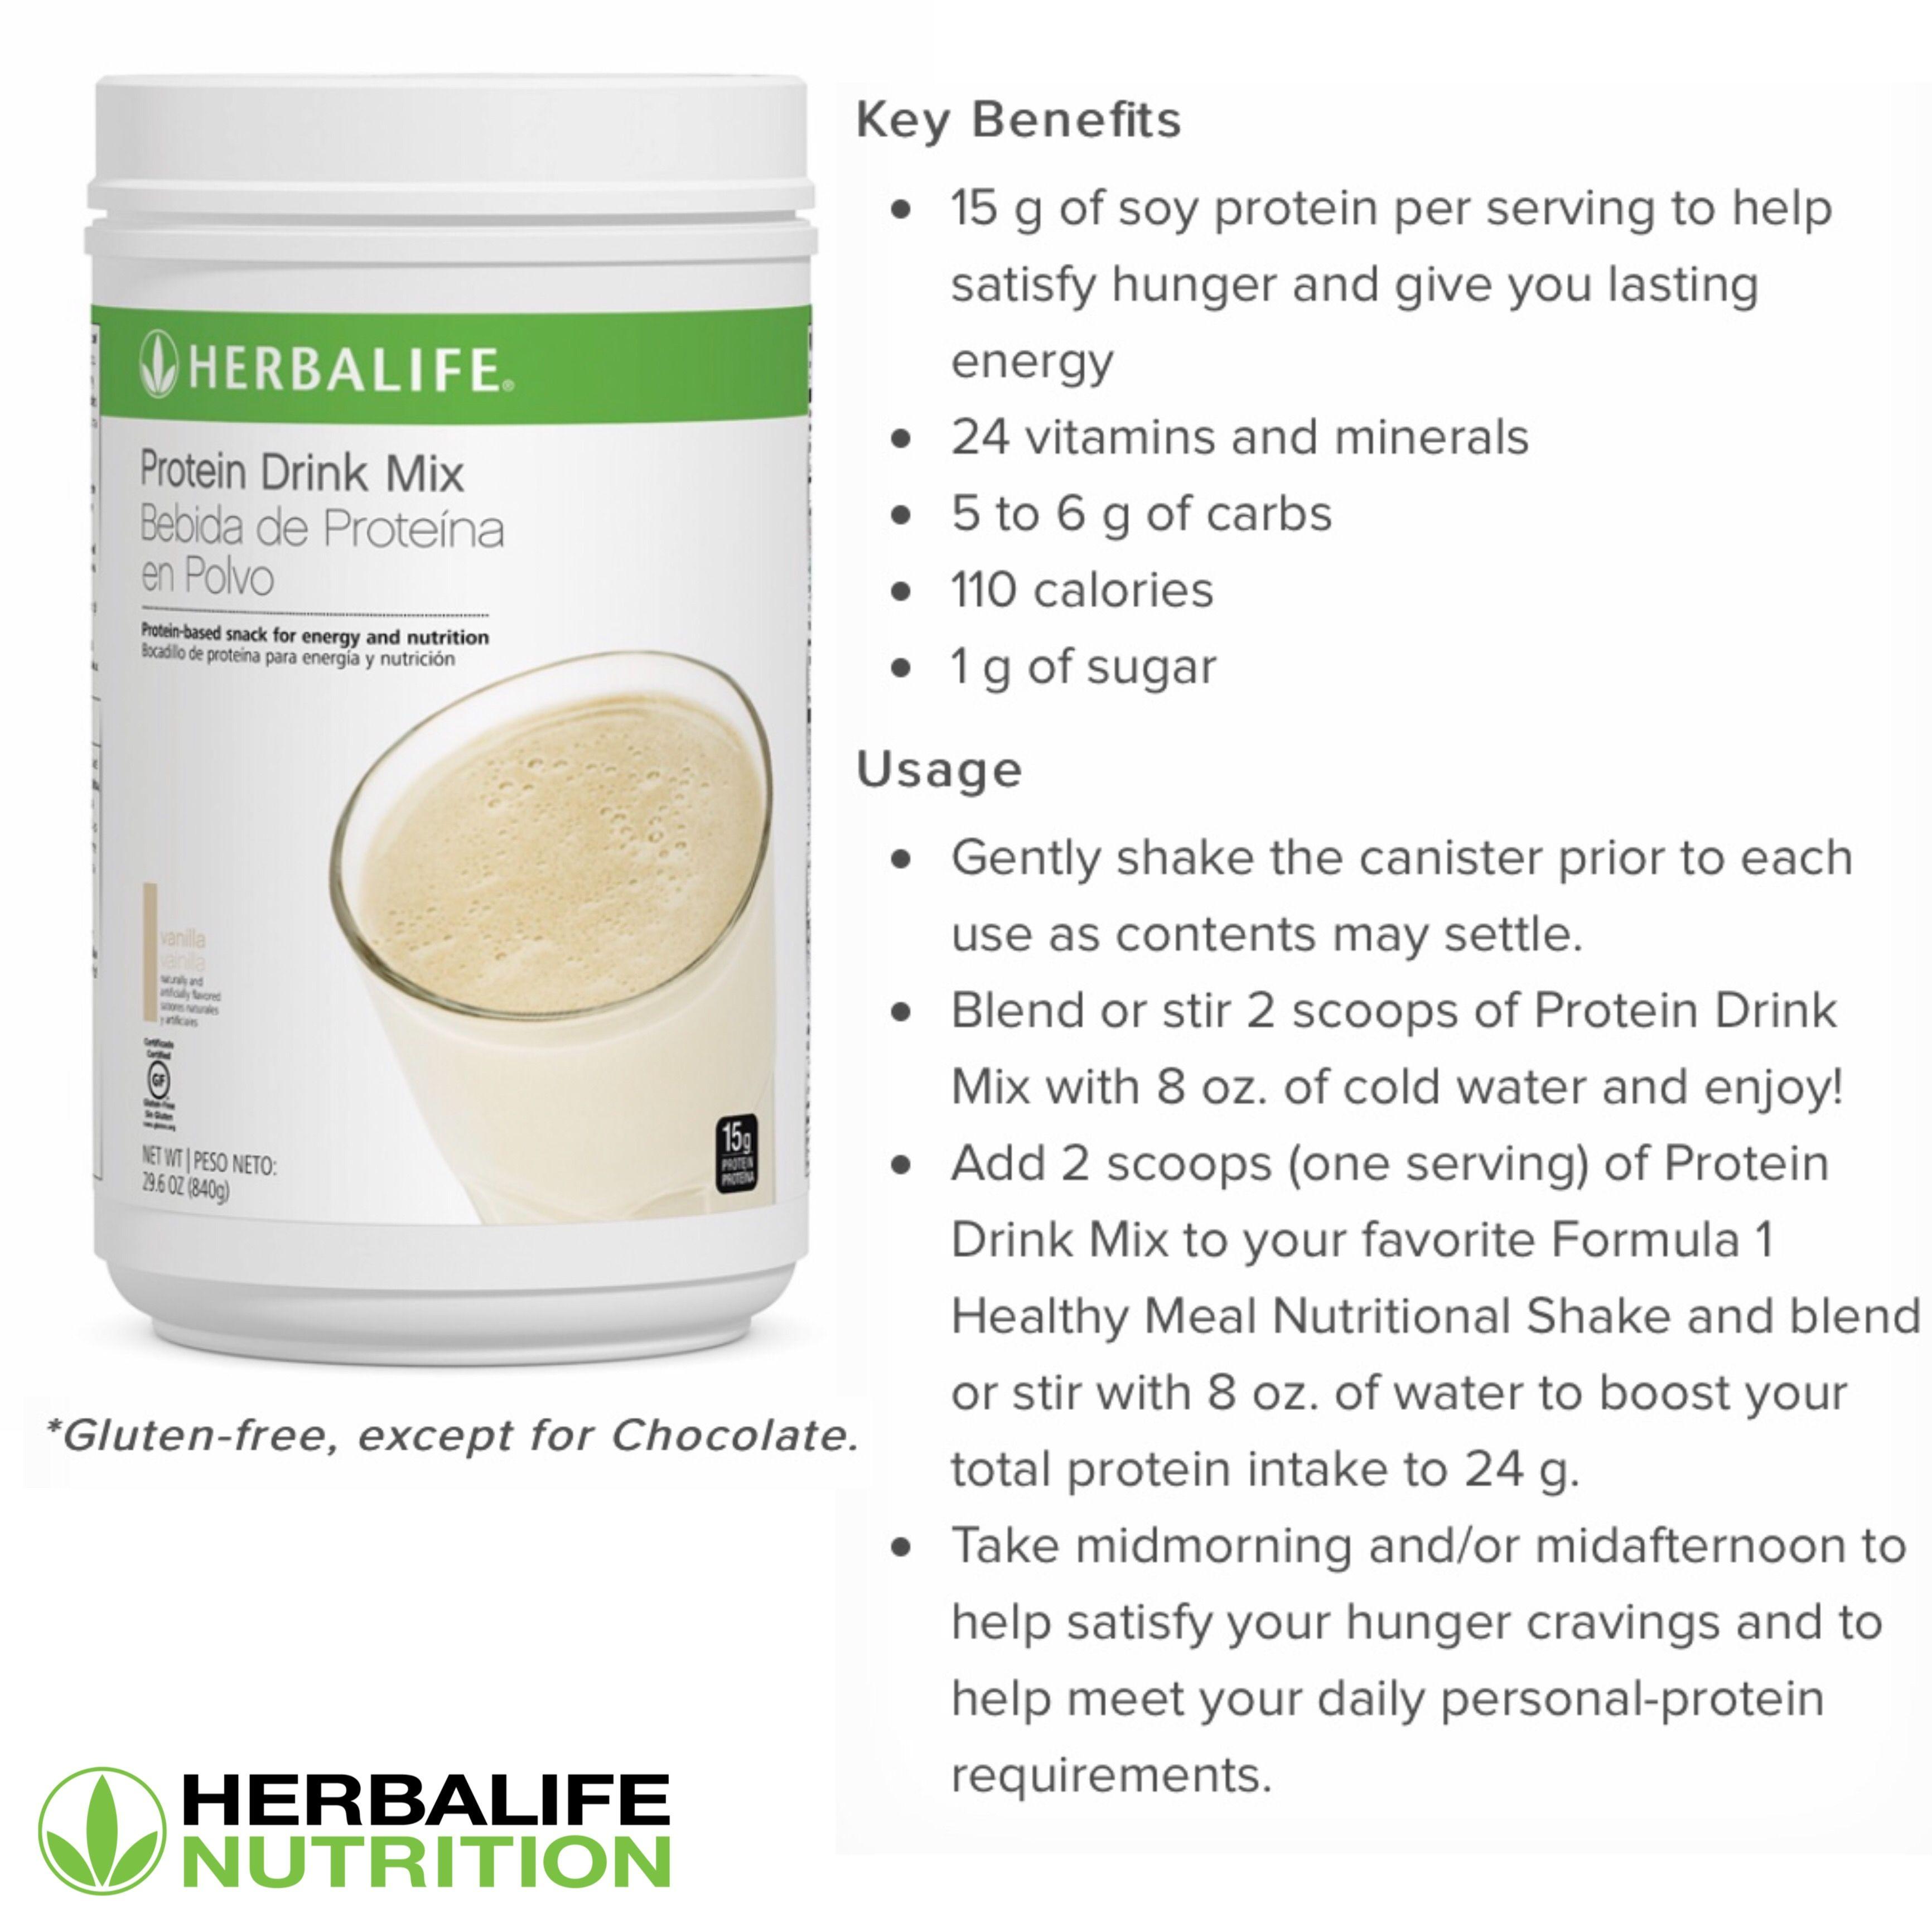 Pin By Tisha Ruiz On Herbalife Herbalife Diet Herbalife Nutrition Herbalife Tips